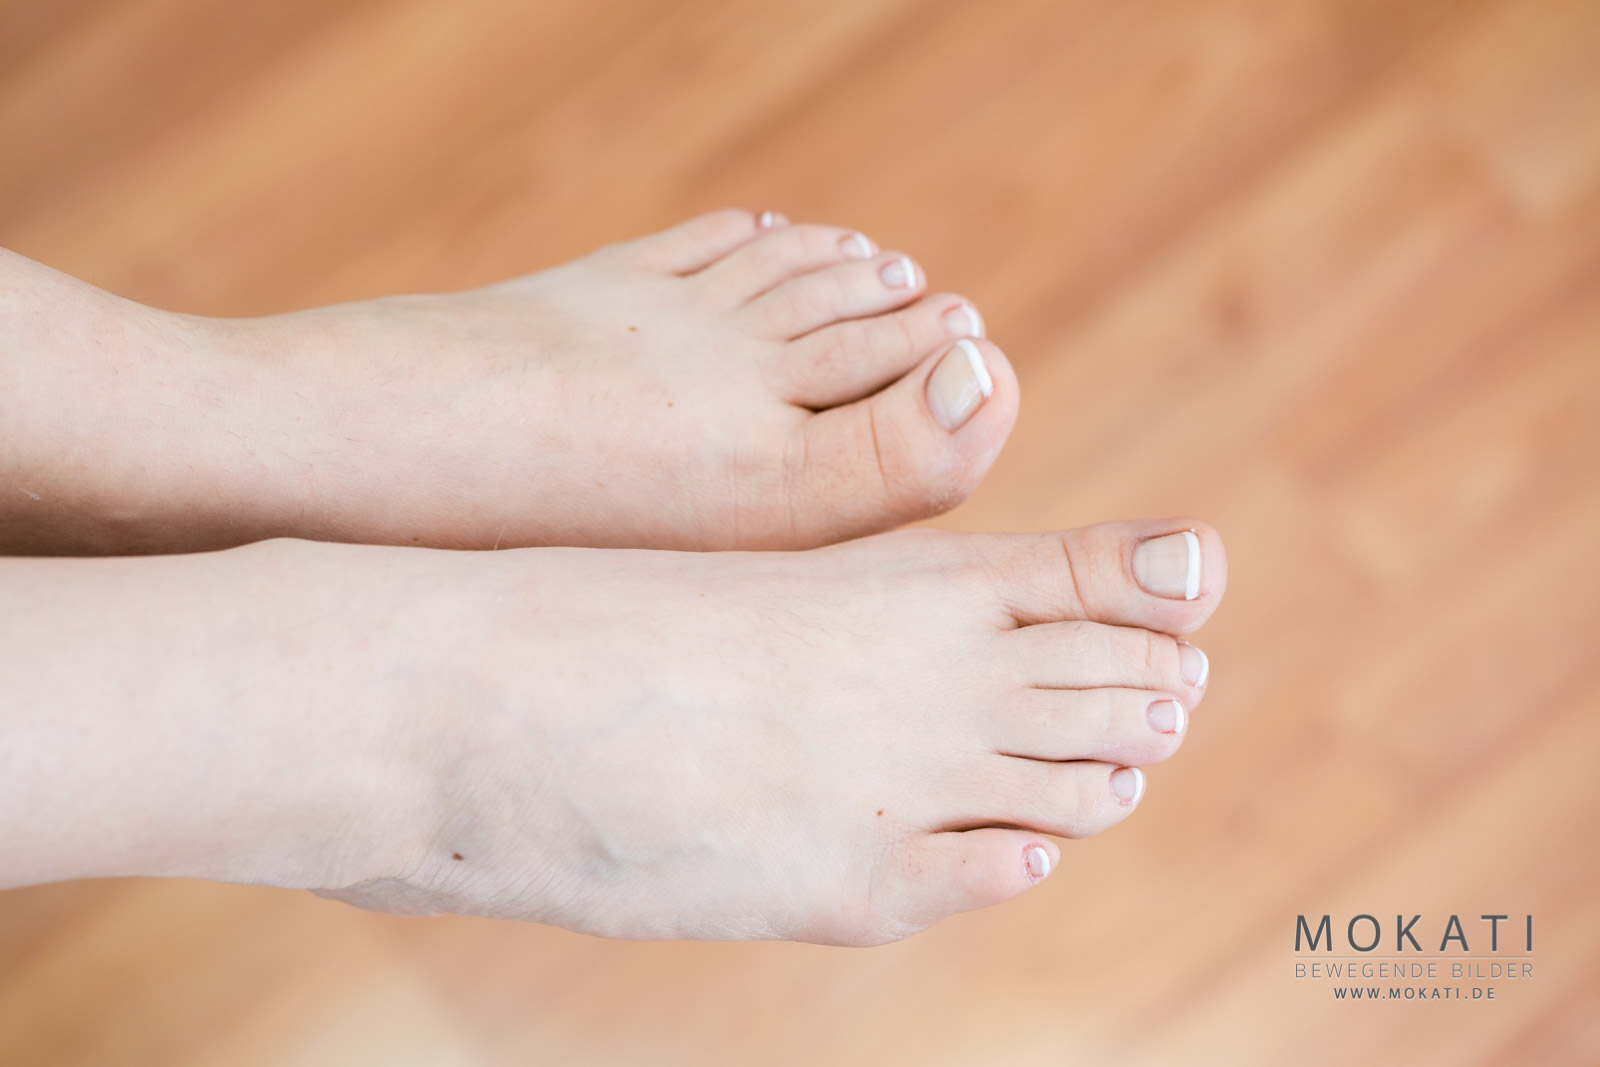 Pediküre Fußpflege bei Redröh Beauty & Care professional dem Kosmetikstudio in München